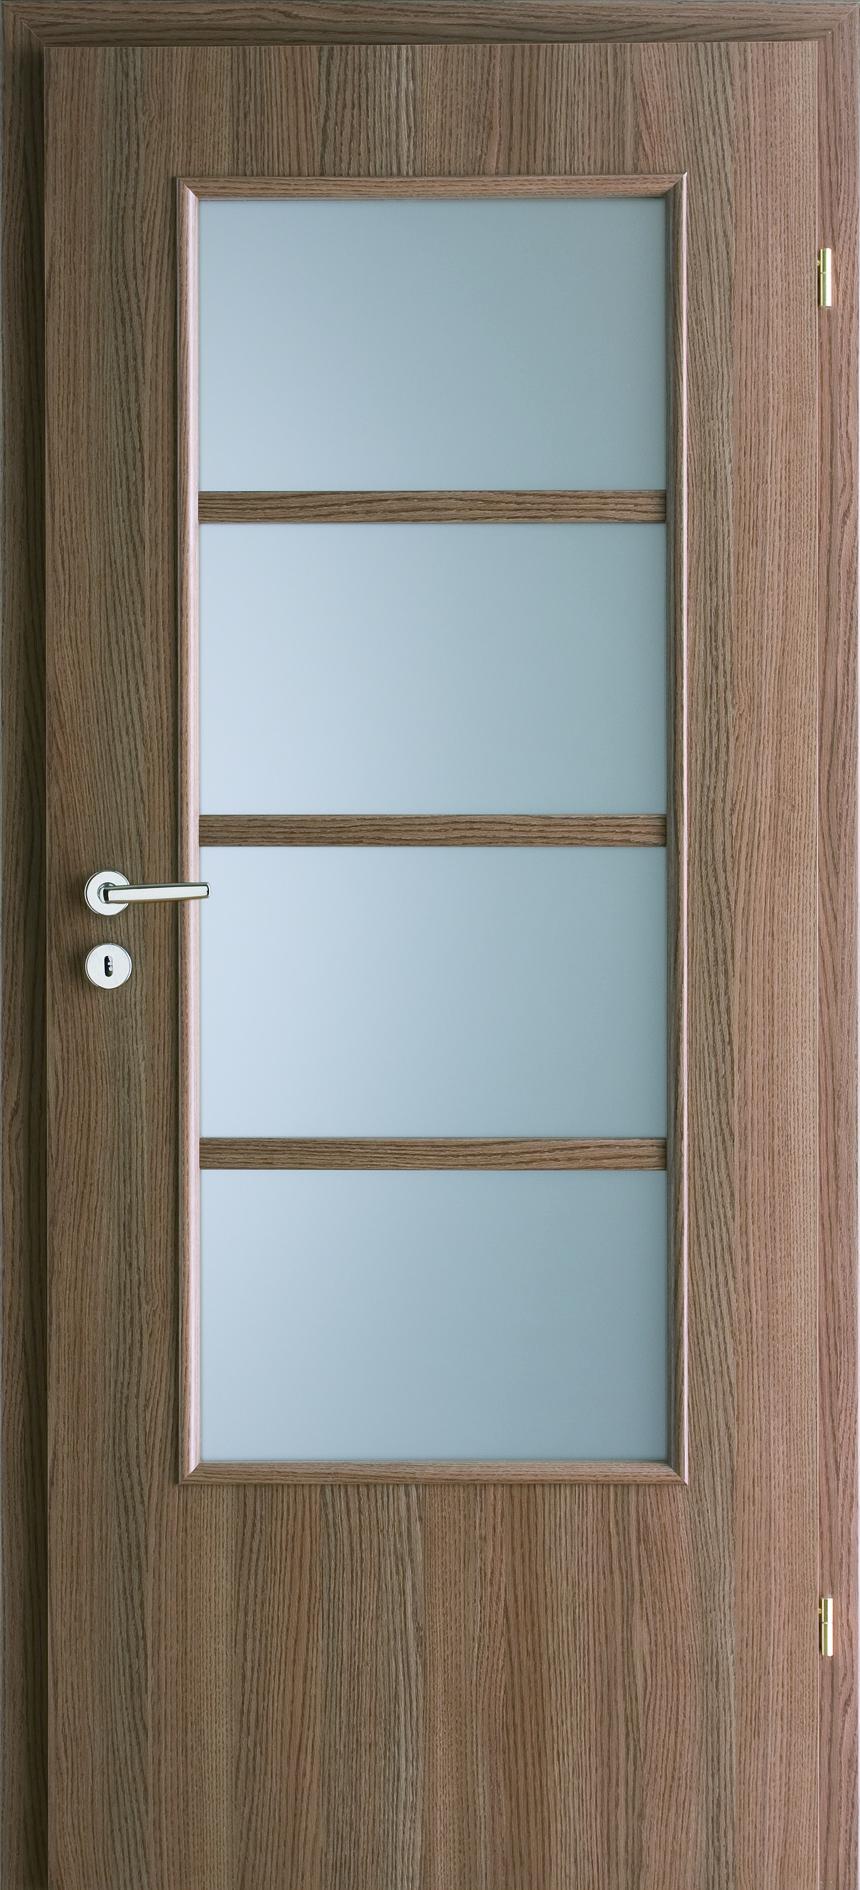 Dvere Porta Styl, vzor 4